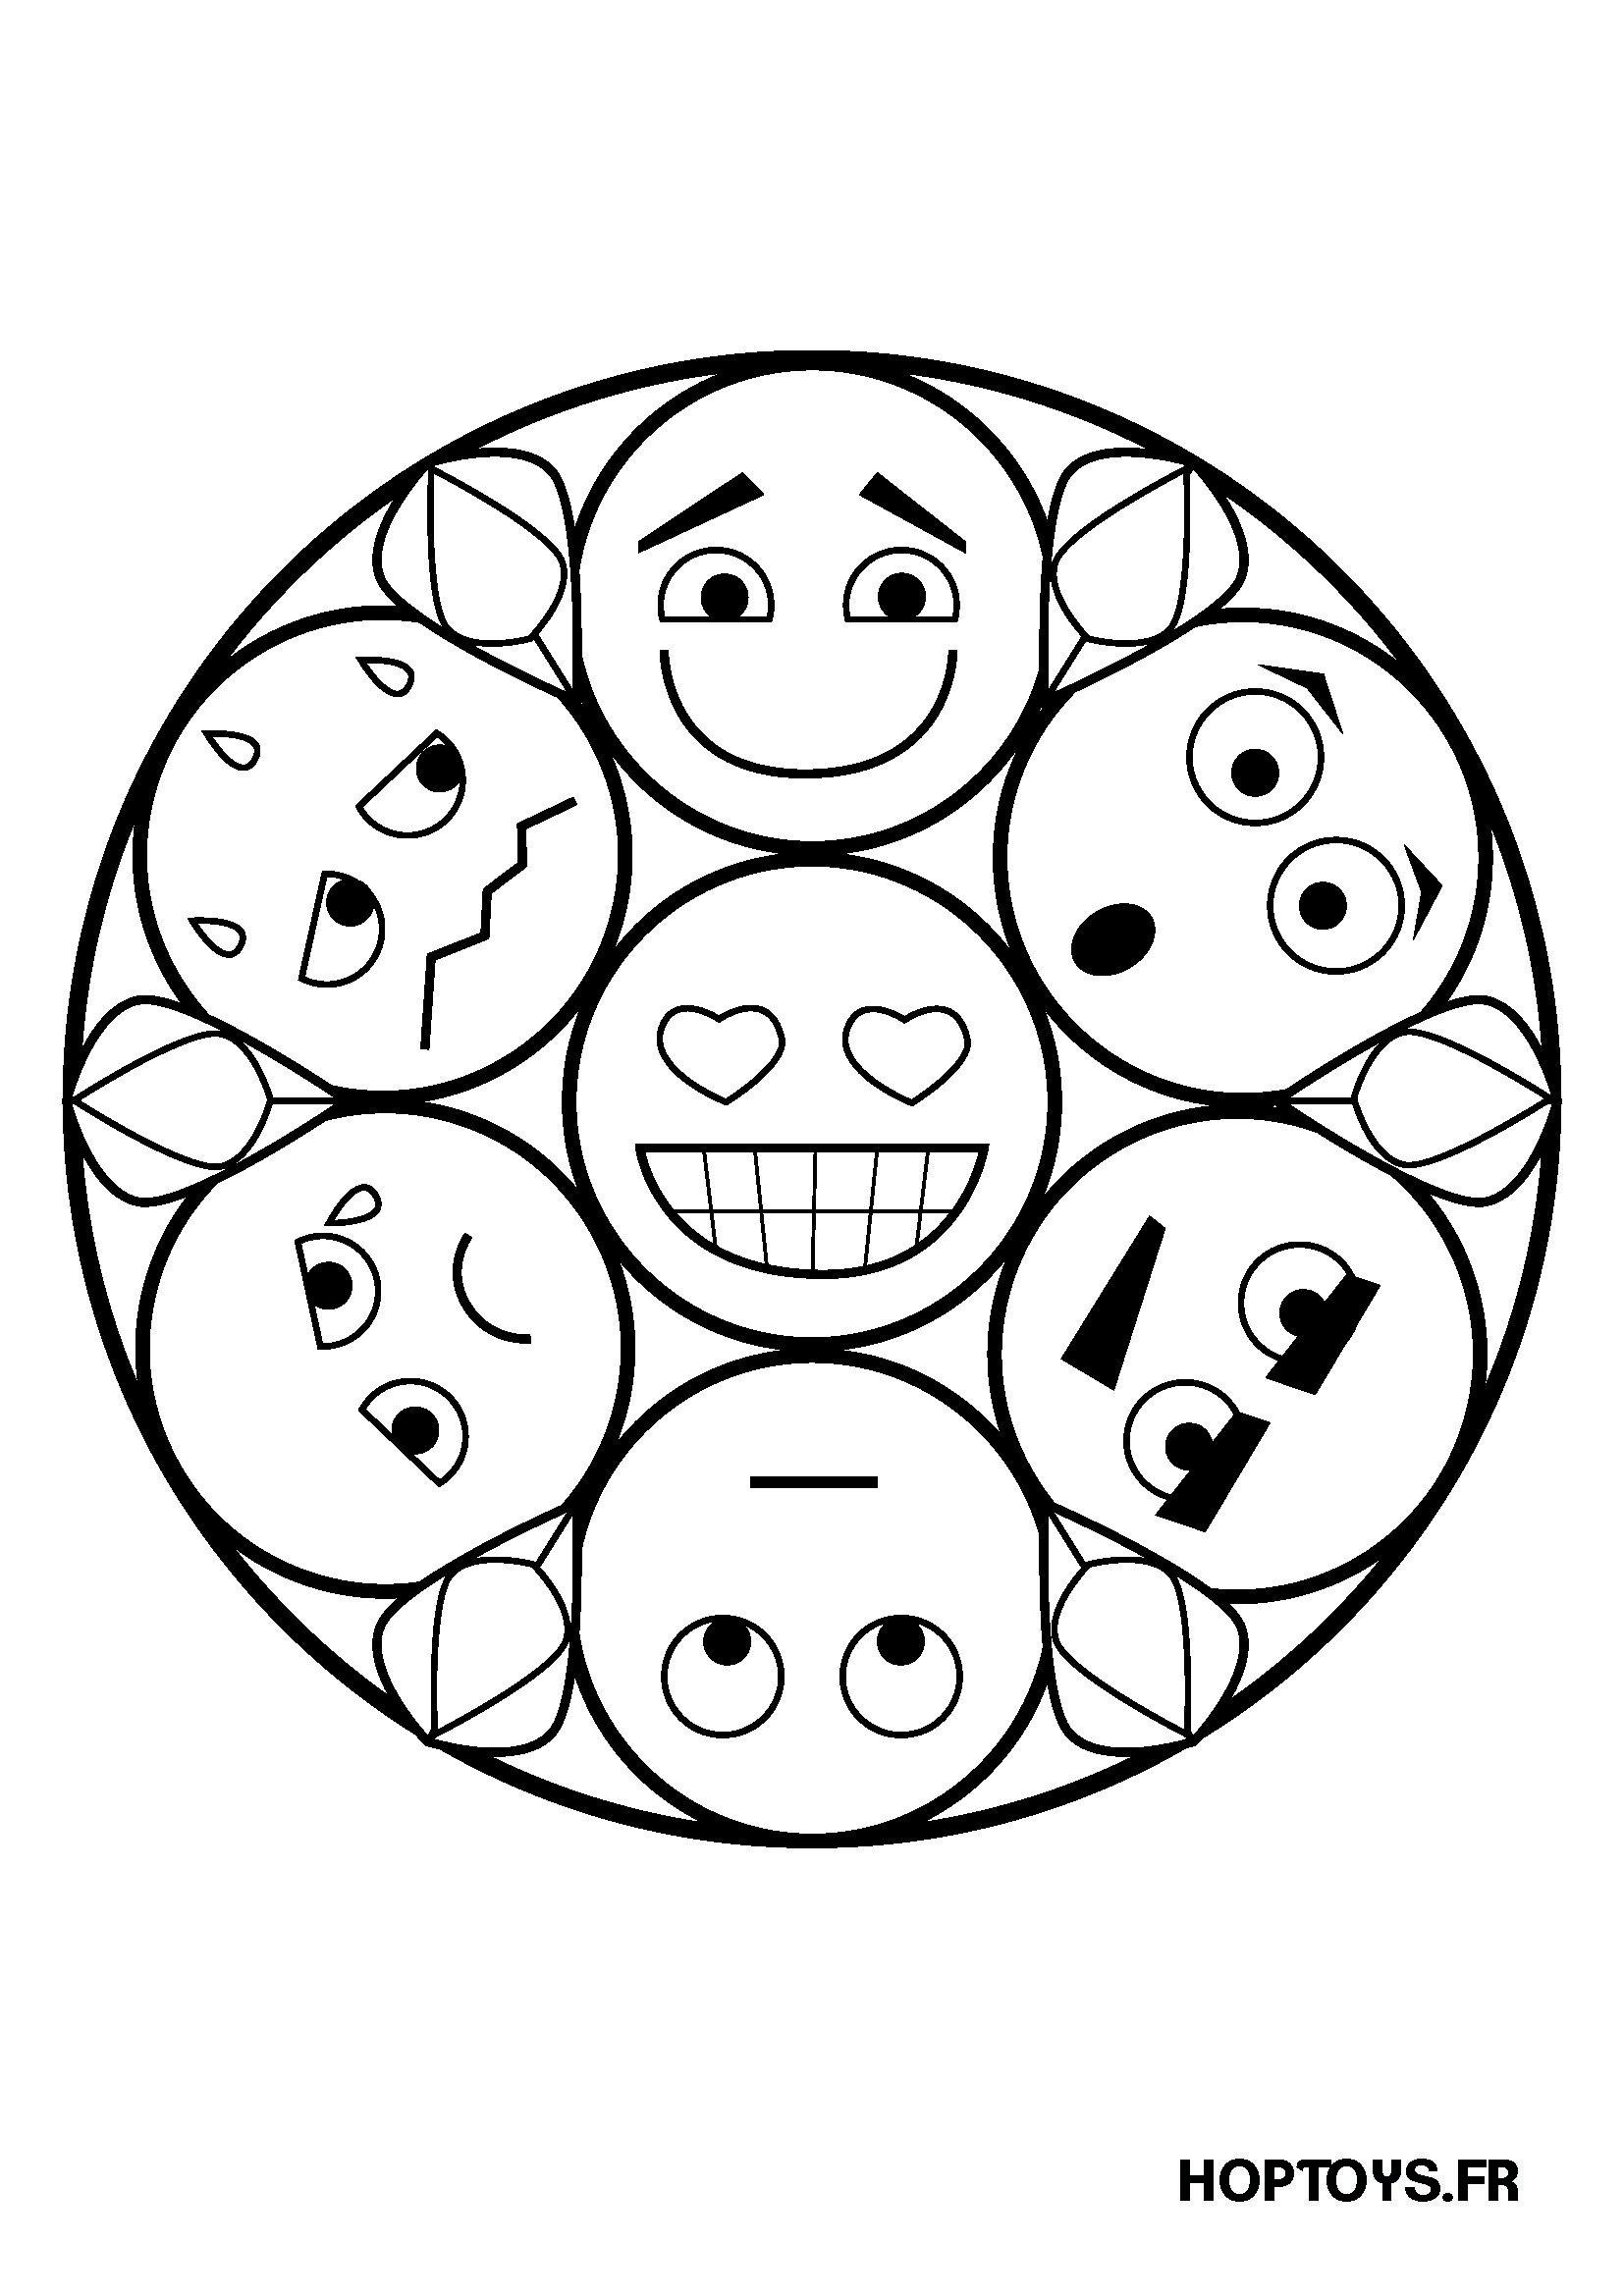 Resultado de imagen de mandalas para niños | MANUALIDADES